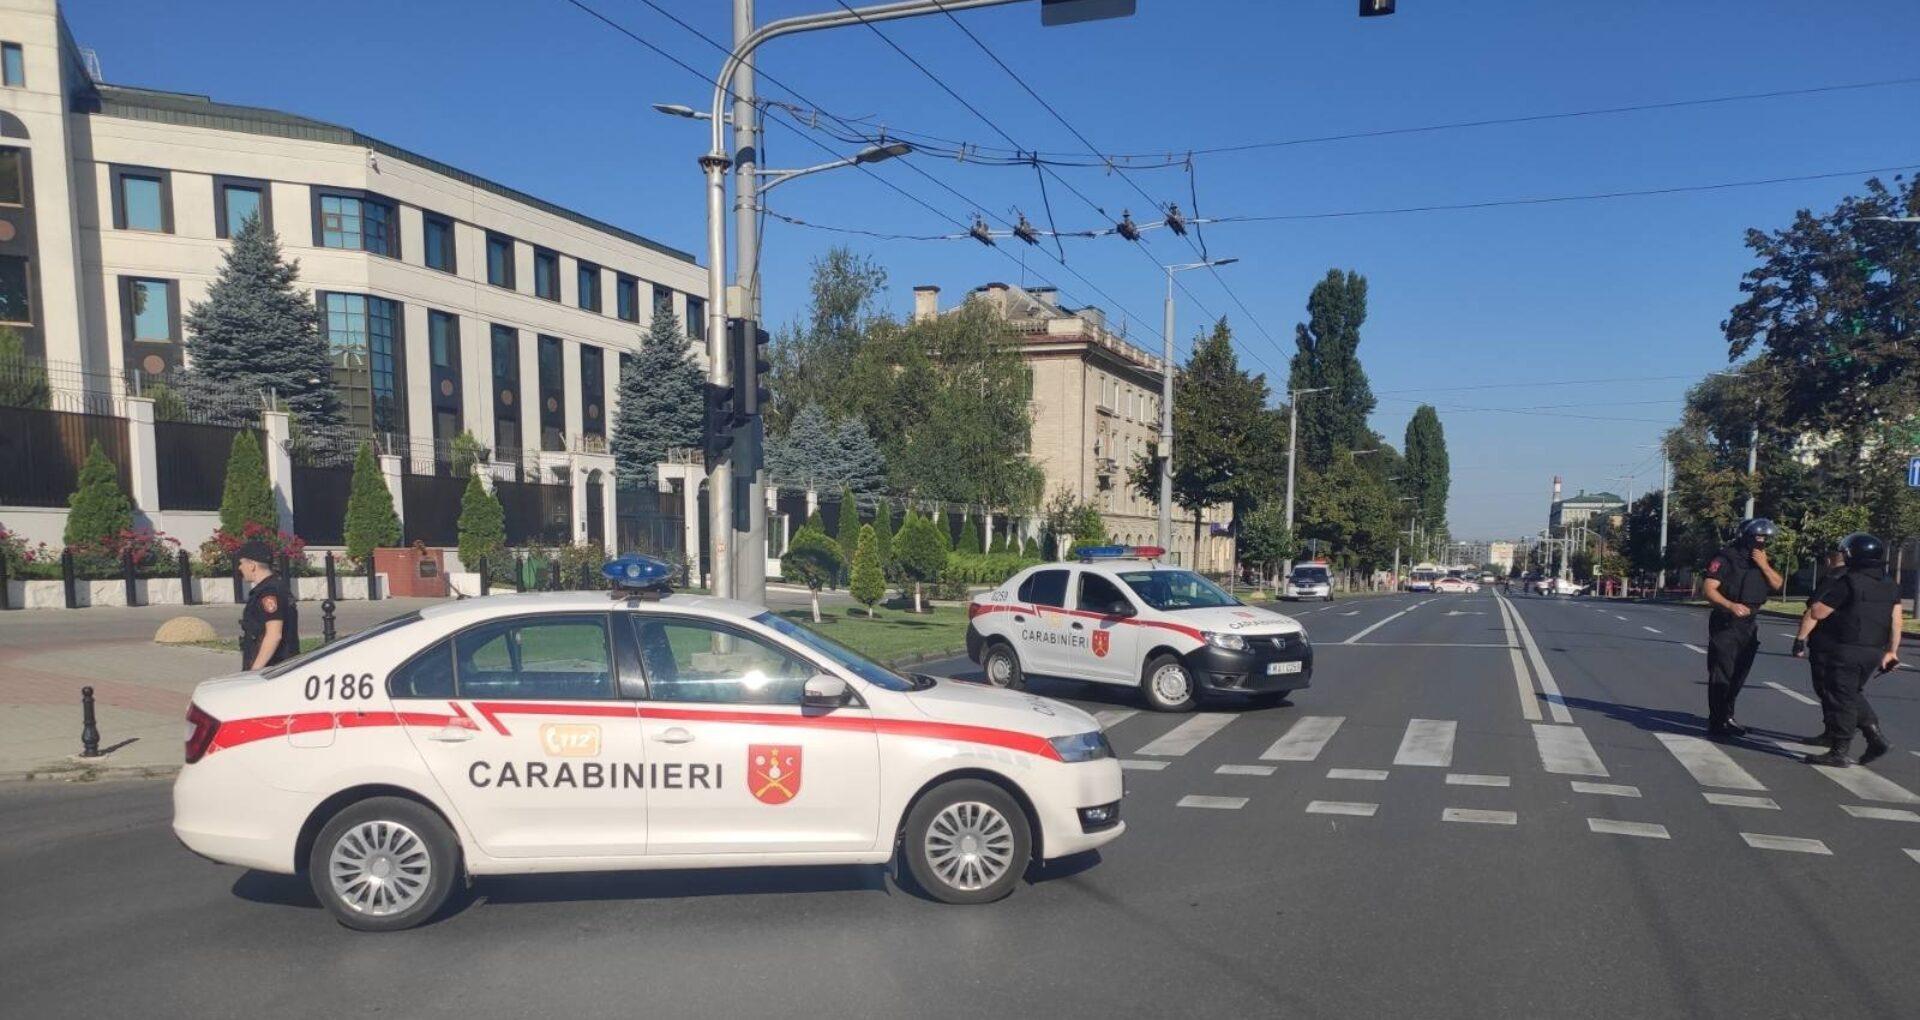 Un carabinier, internat în spital după ce s-a electrocutat lângă Ambasada Rusiei la Chișinău, în timpul misiunii de serviciu